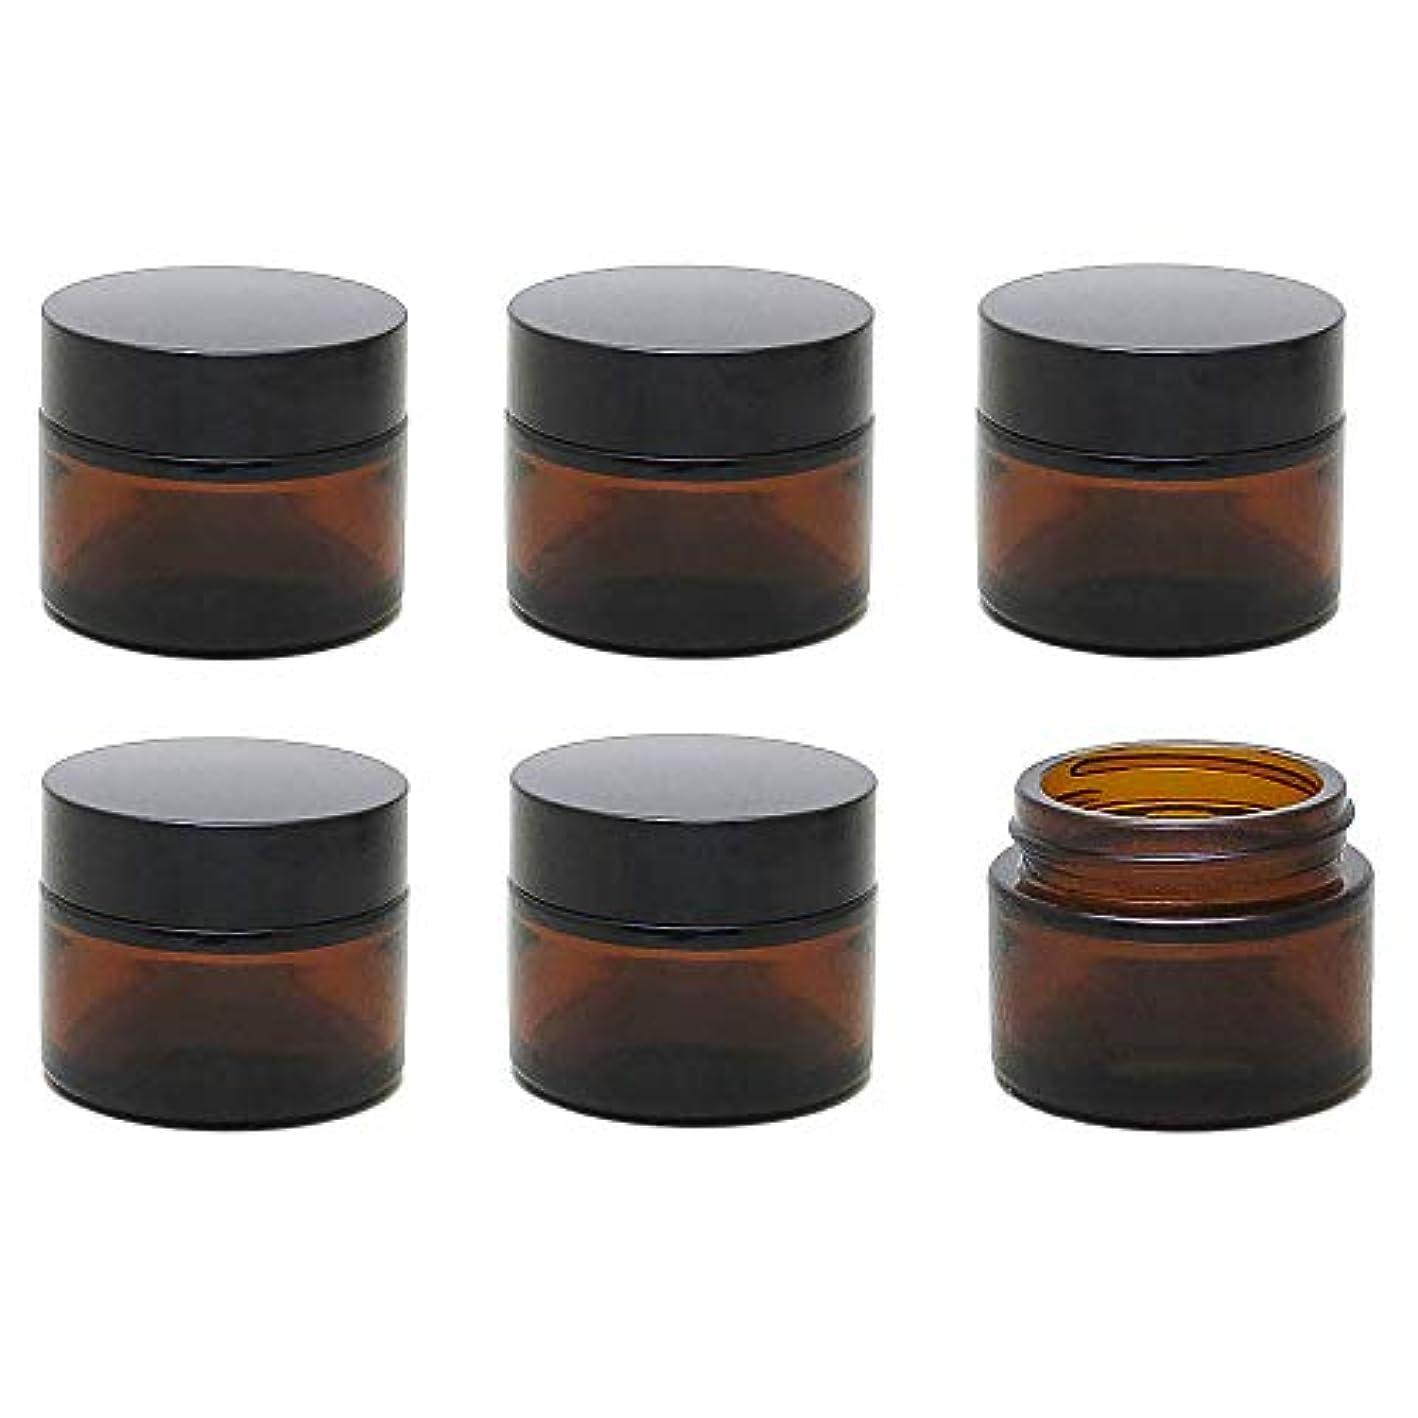 ベーカリーアコー単なる遮光瓶 クリーム容器 ガラス製 ブラウン 6個 セット